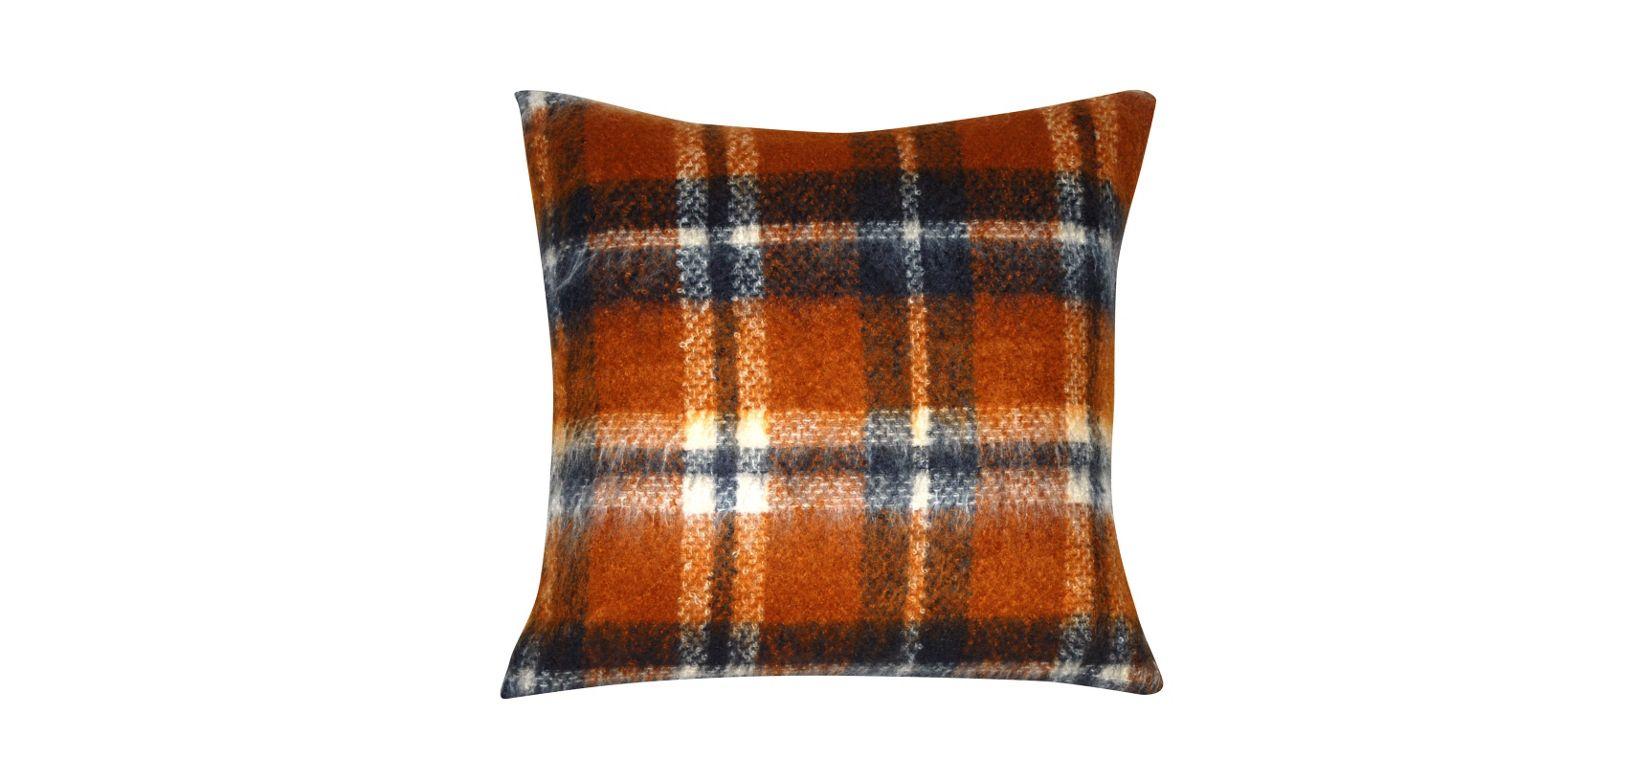 Sir jean paul gaultier cushion nouveaux classiques - Roche bobois jean paul gaultier ...